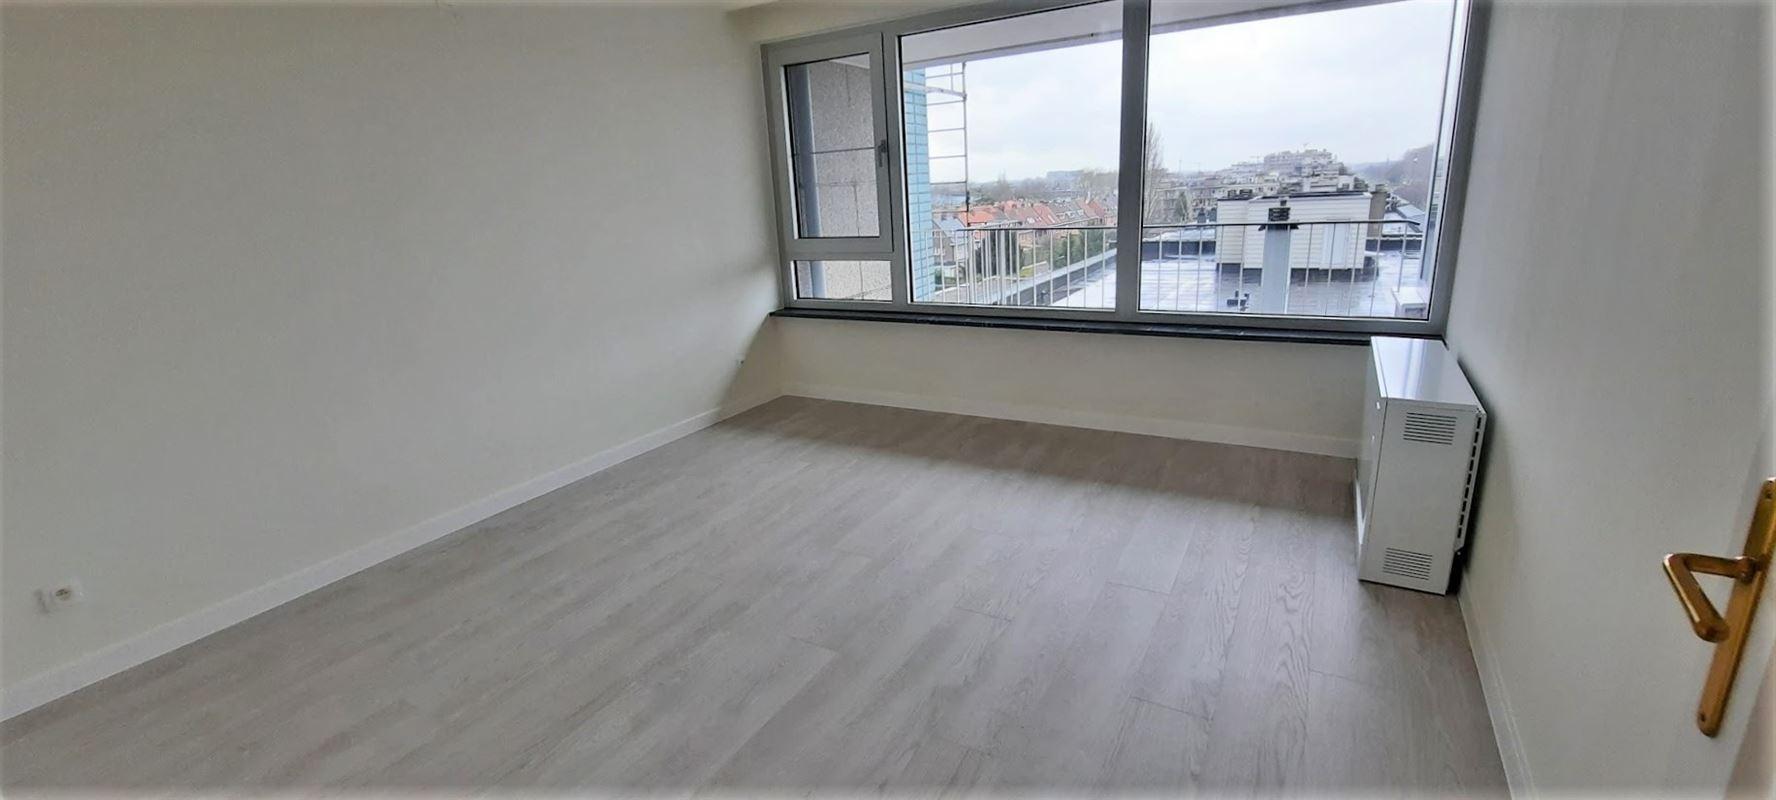 Foto 9 : Appartement te 2050 ANTWERPEN (België) - Prijs € 870